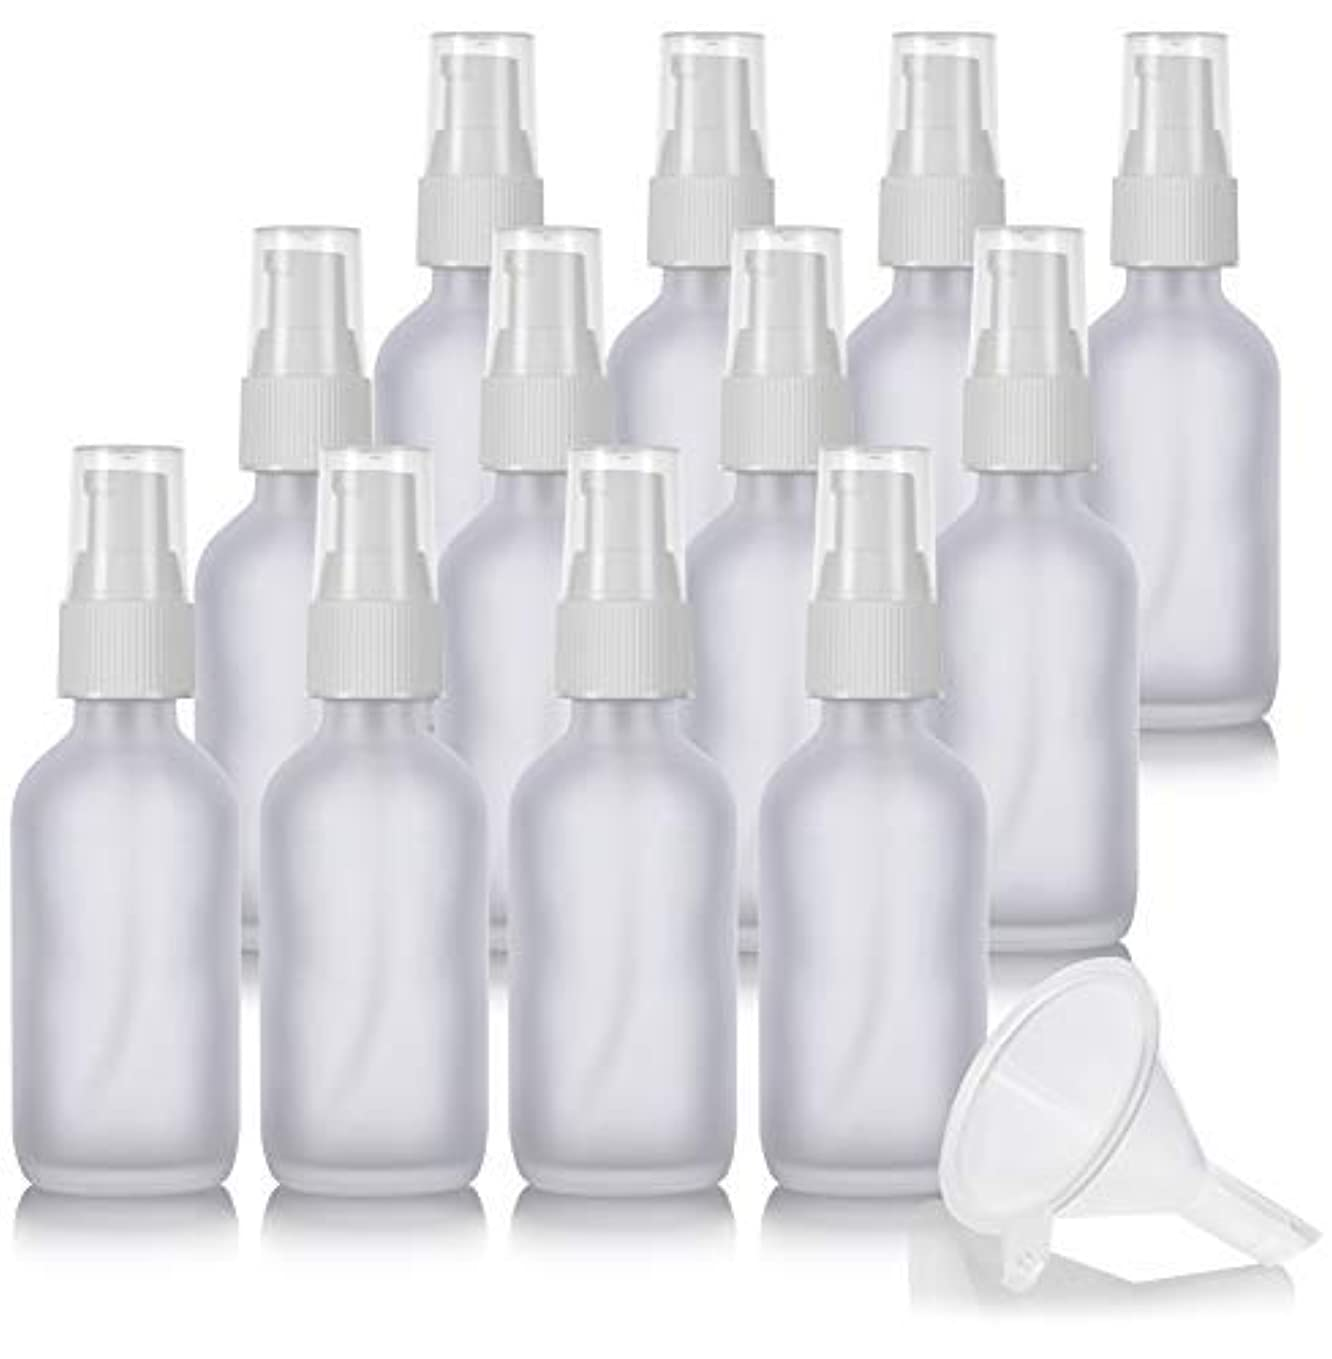 メッセージ消費地区2 oz Frosted Clear Glass Boston Round White Treatment Pump Bottle (12 Pack) + Funnel and Labels for Cosmetics,...